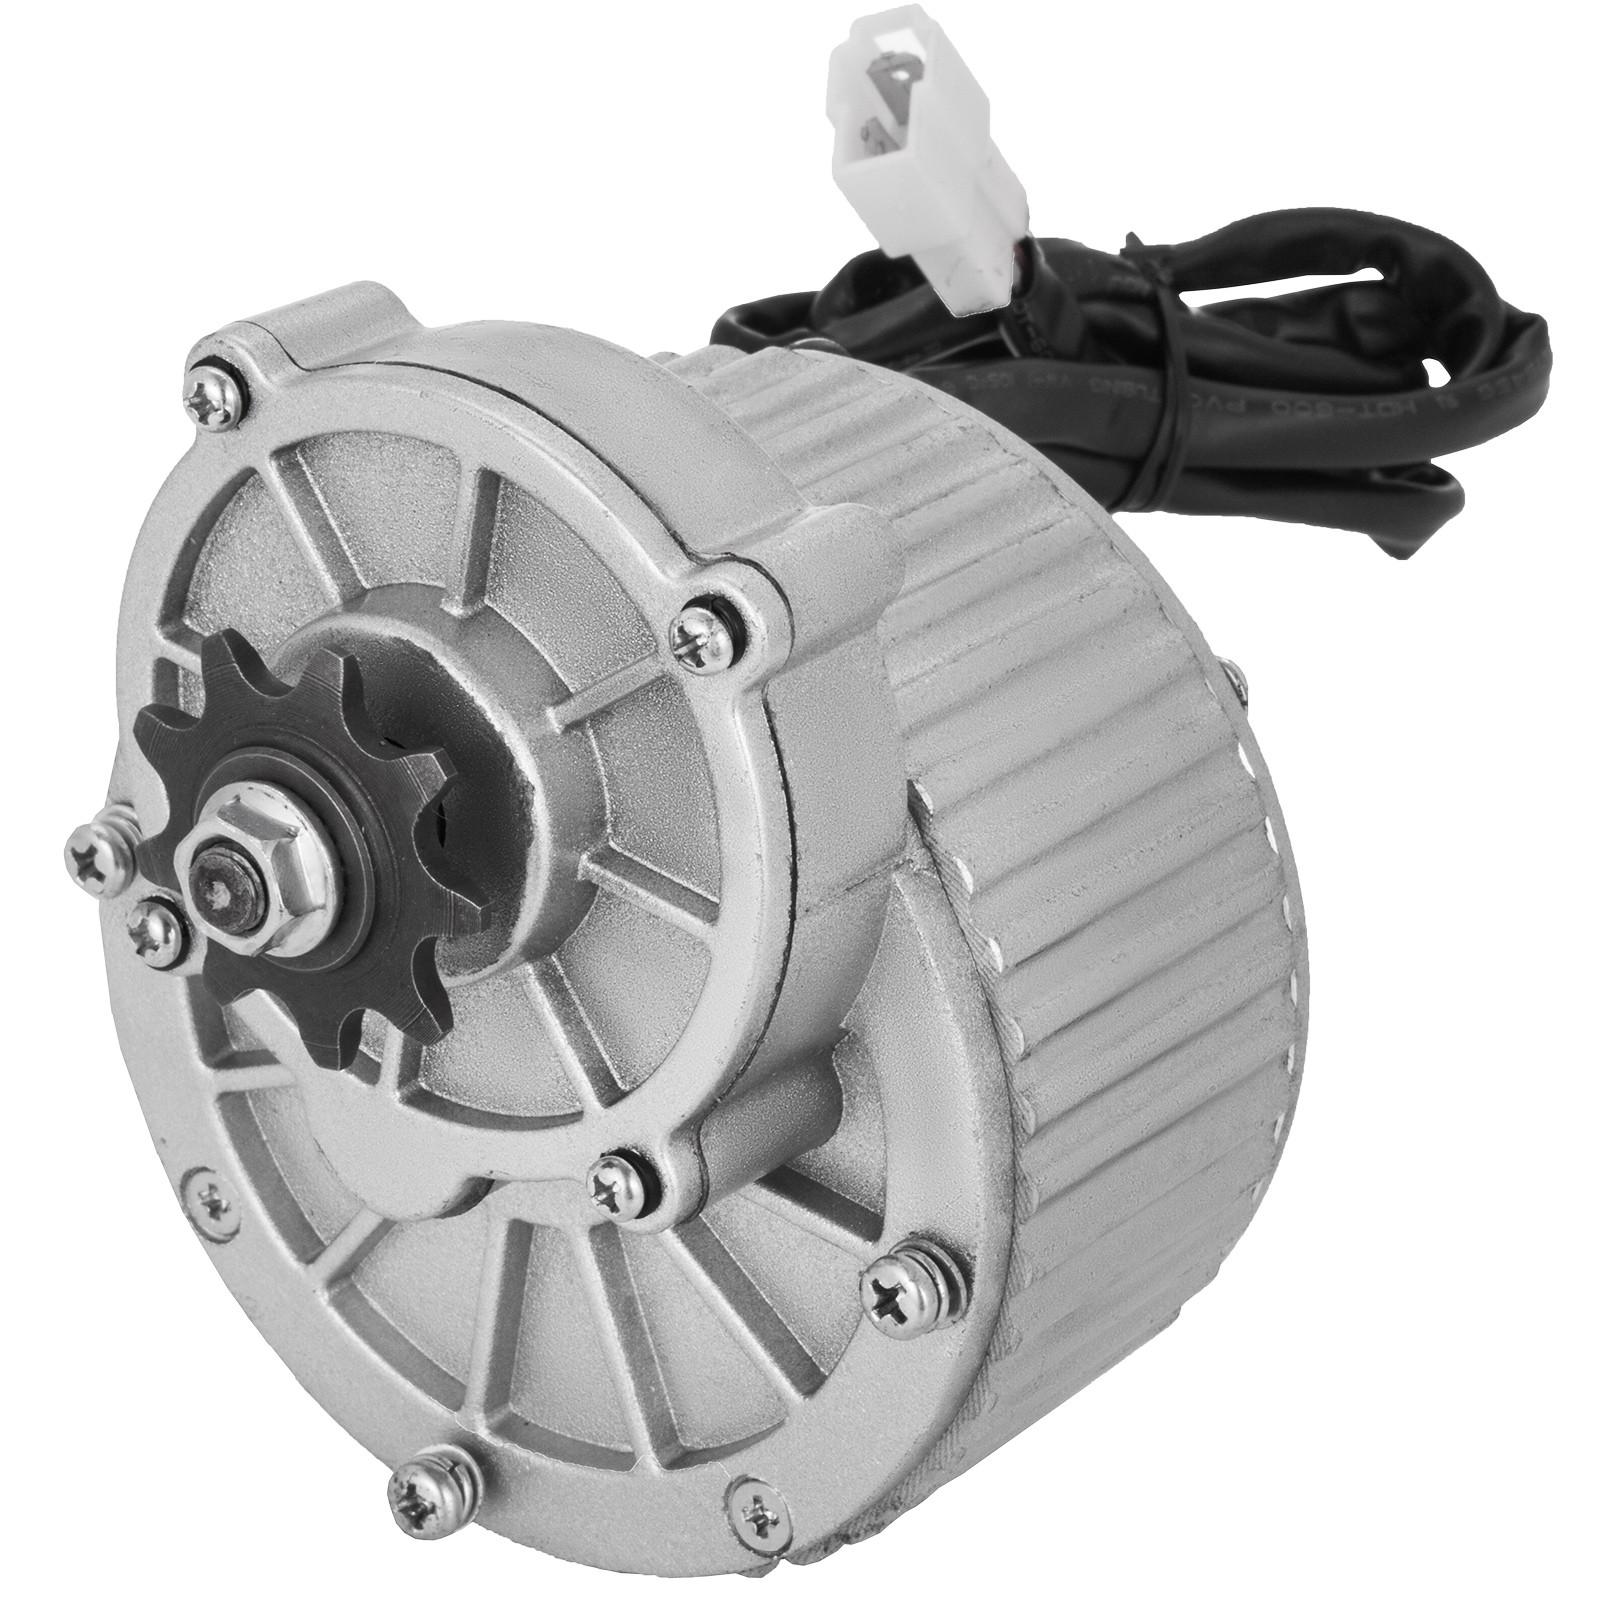 Electric-Motor-E-bike-Motor-controller-kit-DC-24v-12v-Minibike-E-Scooter-ATV thumbnail 72